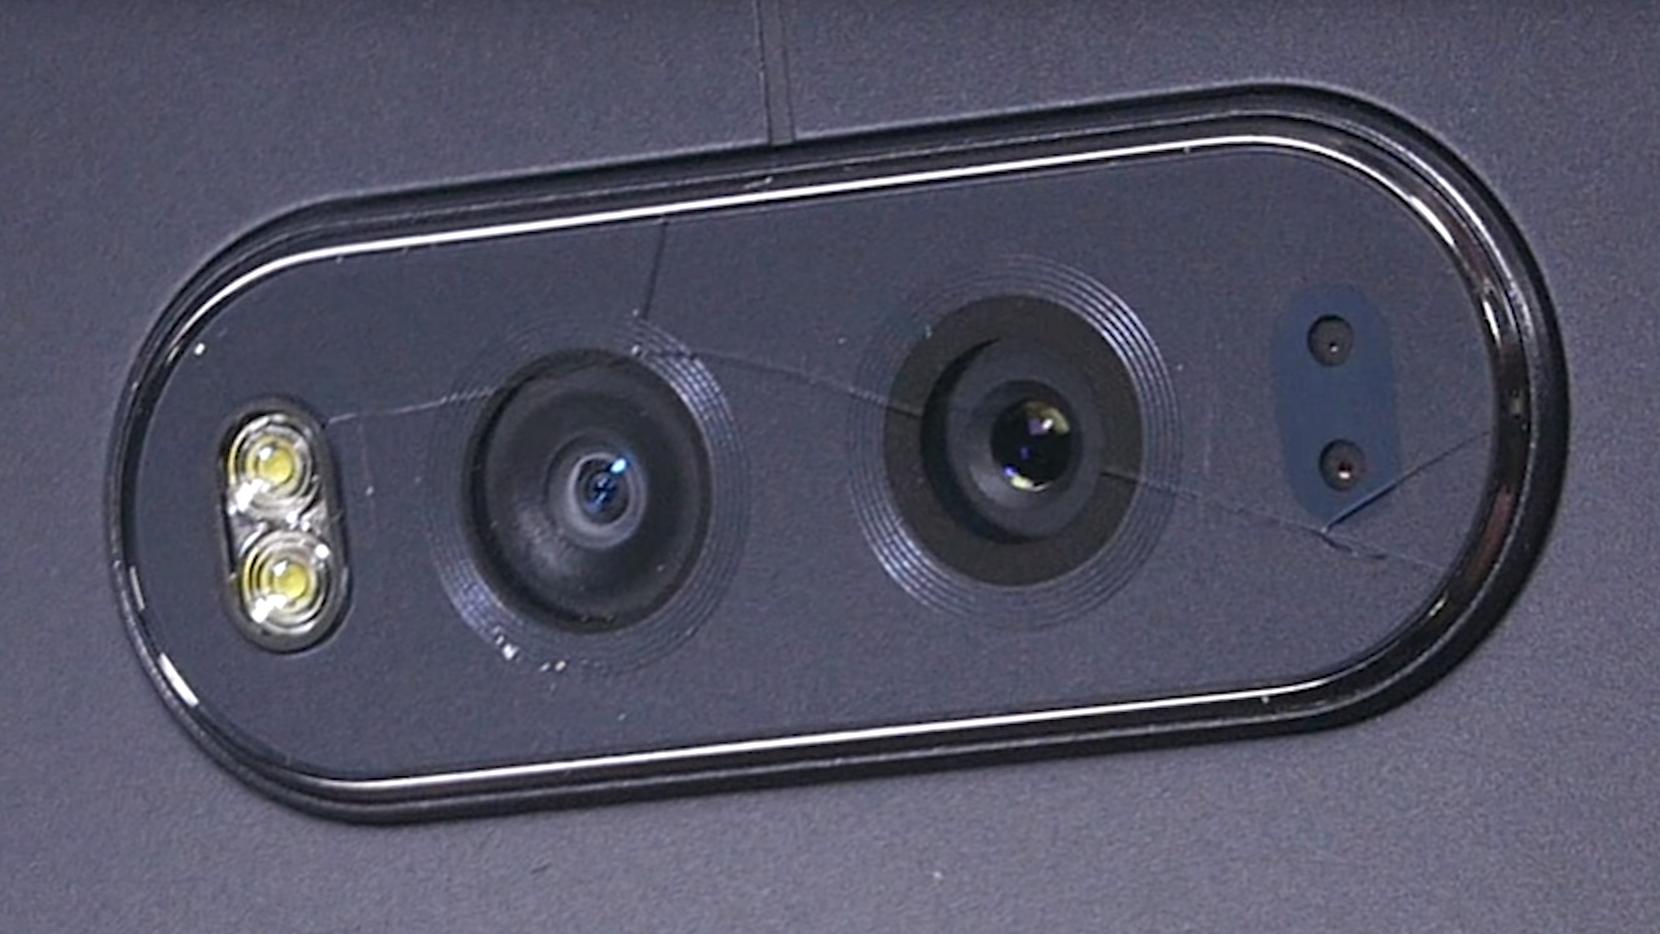 Dette skjedde med kameraglasset på V20 etter at YouTube-kanalen JerryRigEverything utførte en relativt forsiktig skrapetest på glasset.